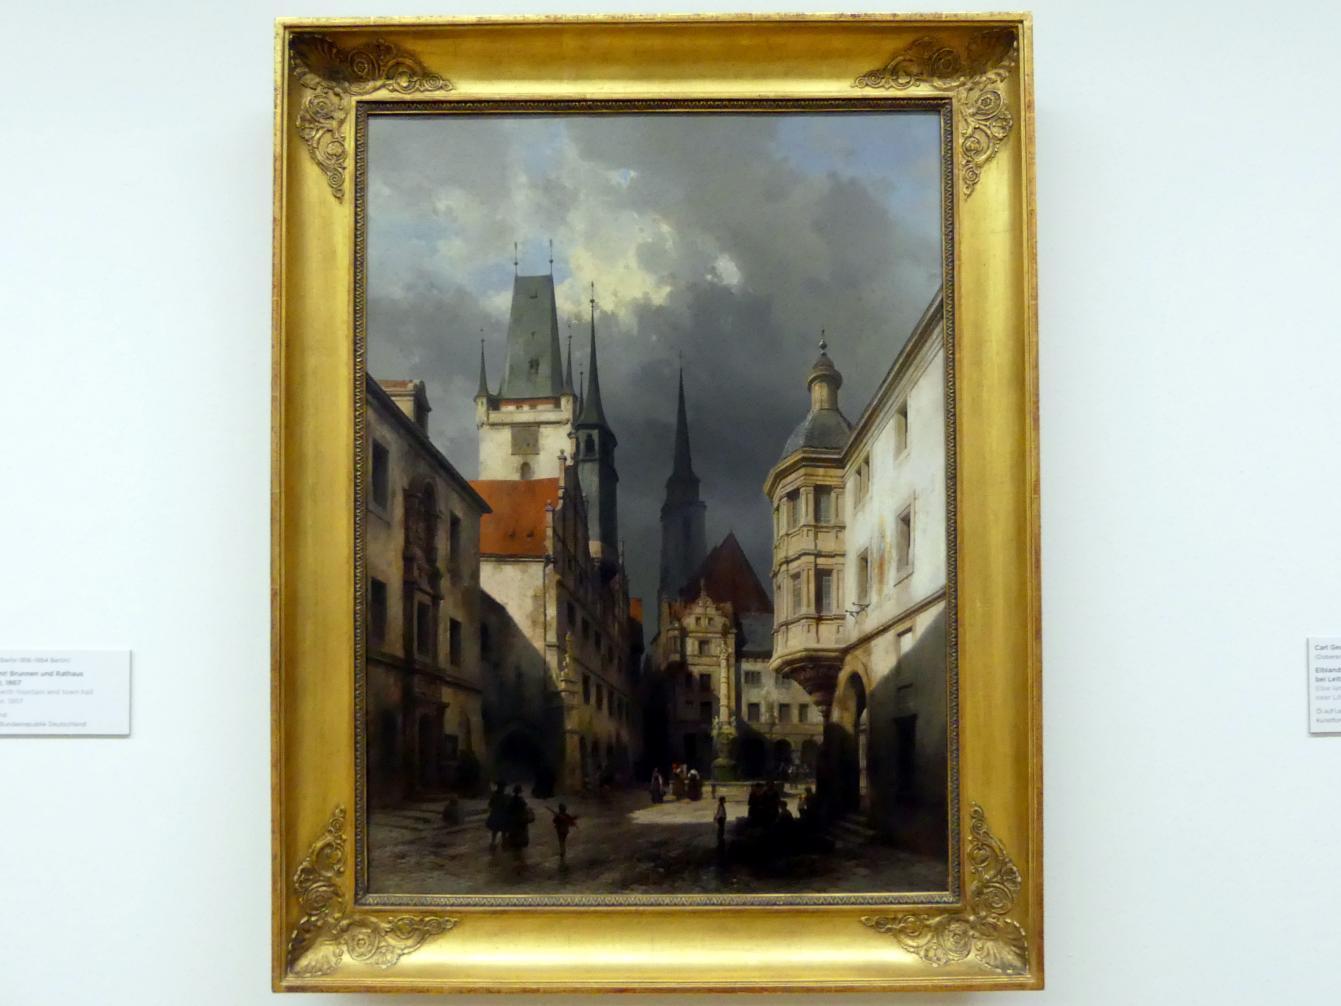 Carl Graeb: Stadtplatz mit Brunnen und Rathaus, 1867